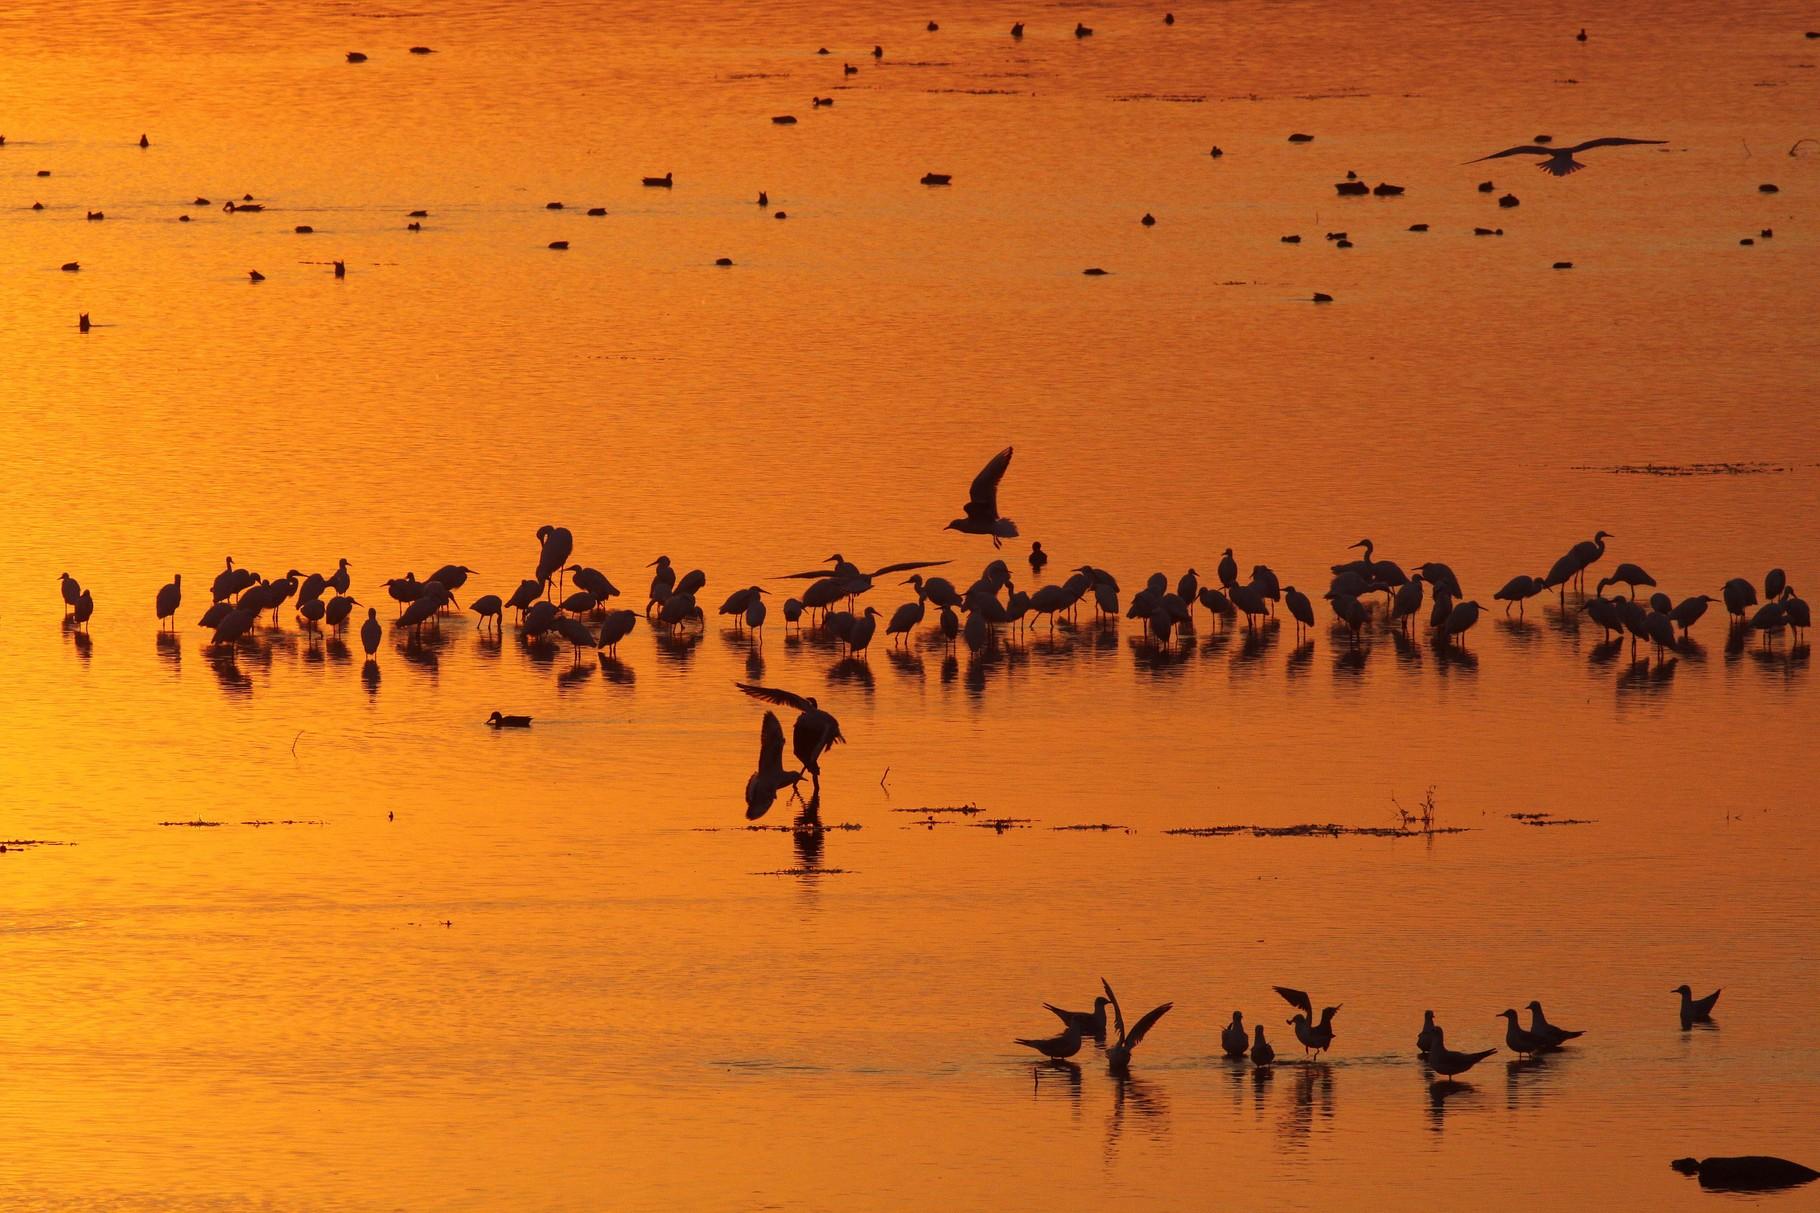 Abendstimmung am Kerkini: ein paar der tausenden Wasservögel, die hier von der Bevölkerung akzeptiert werden